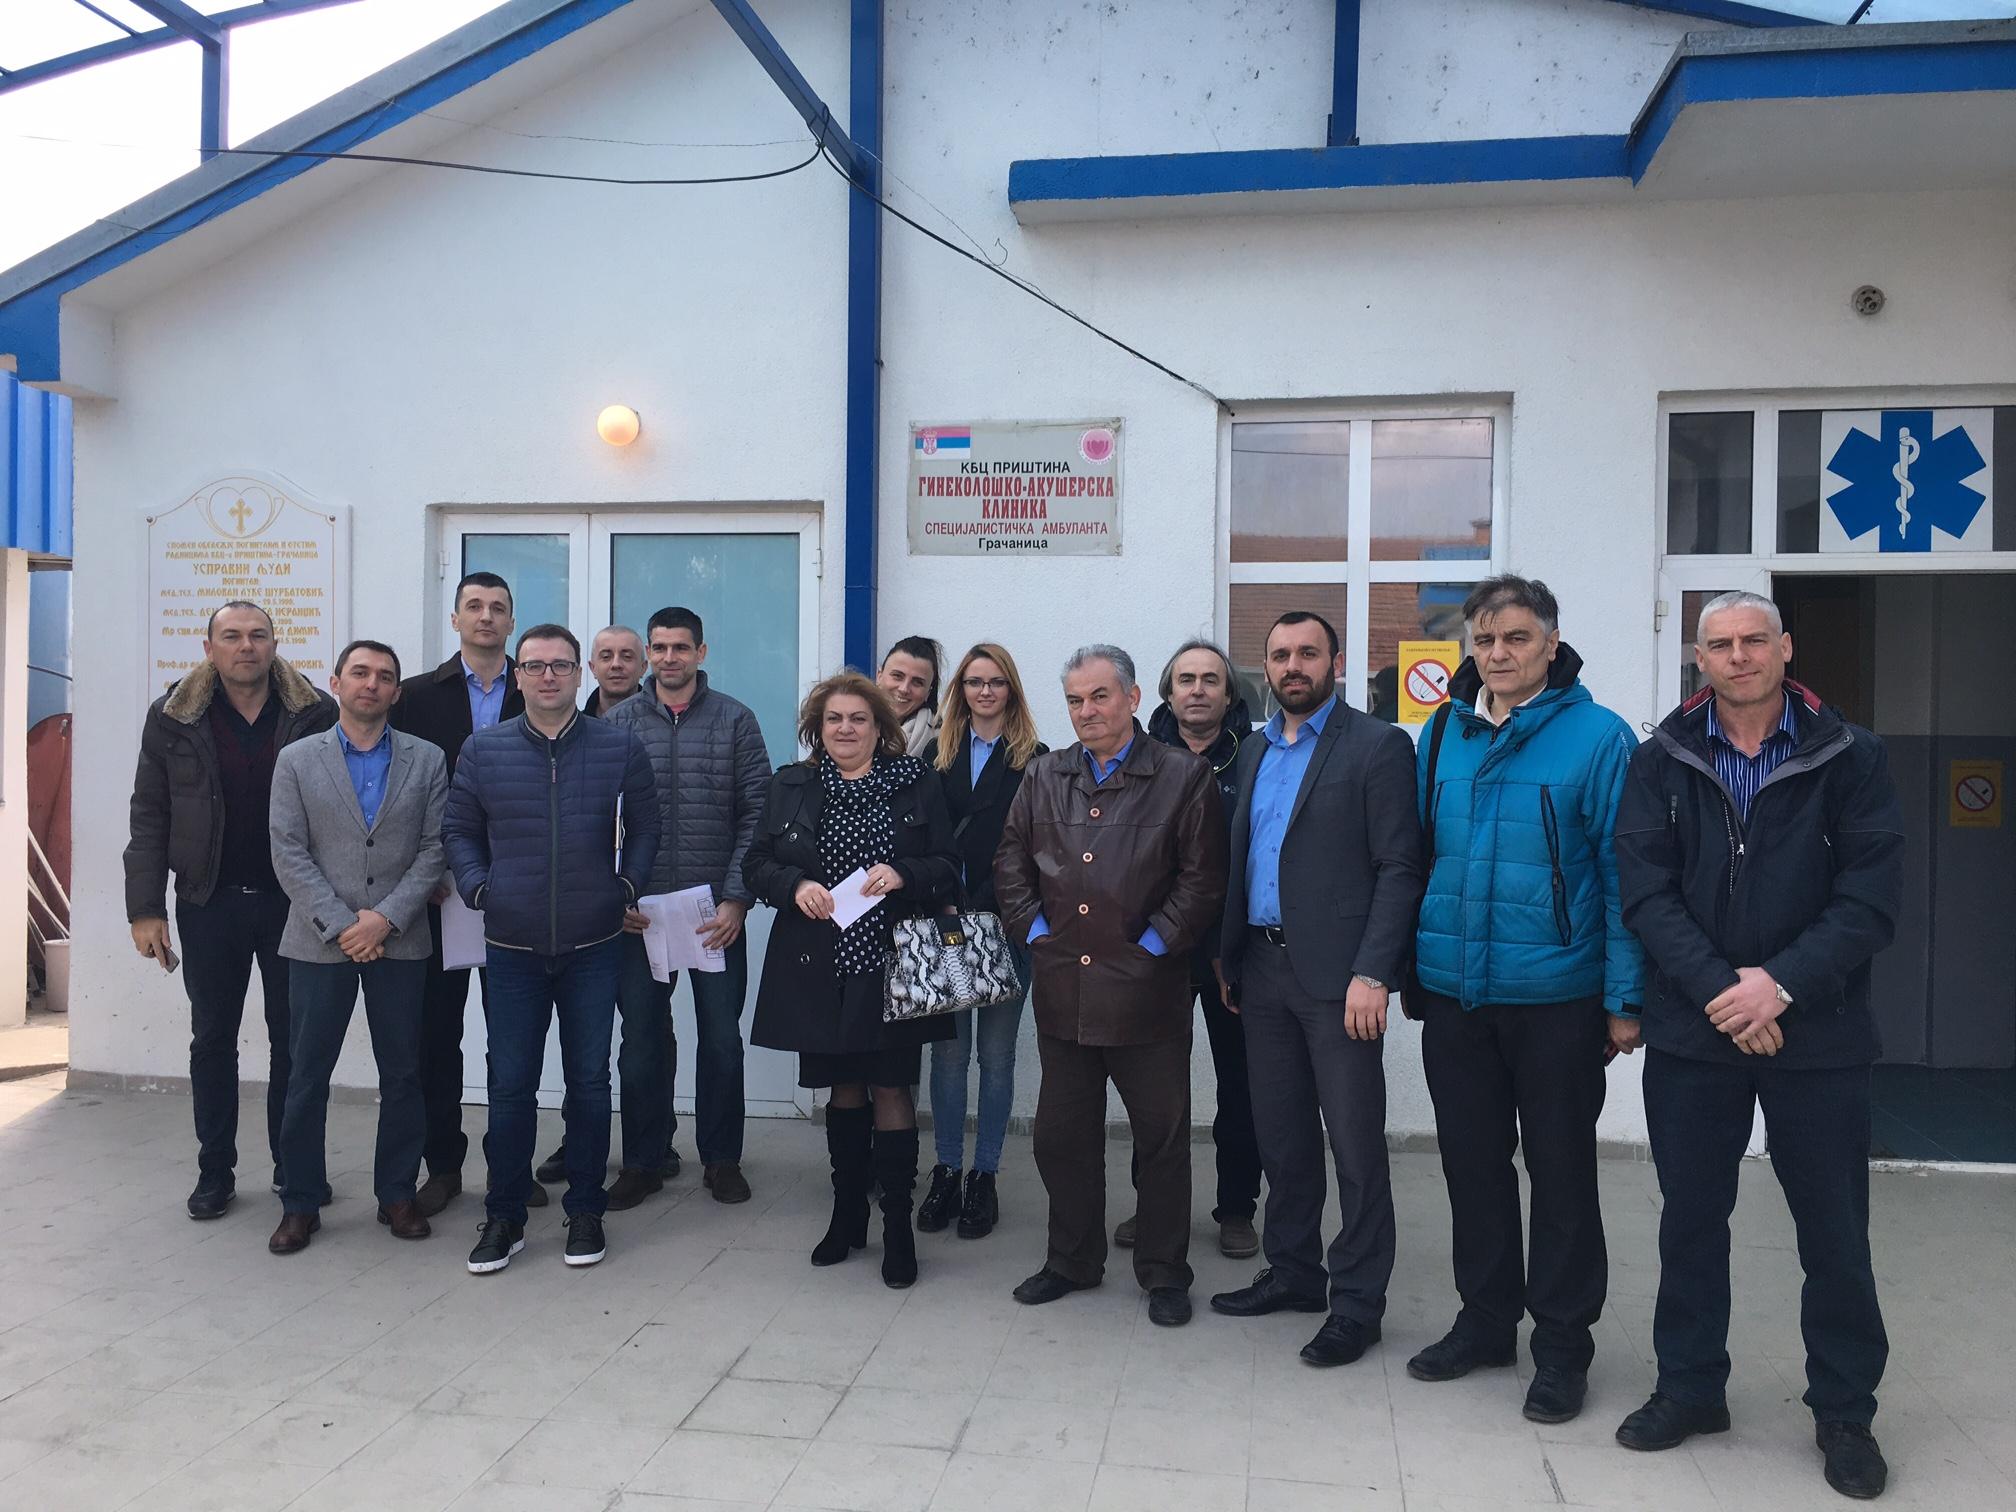 RES fondacija sa partnerima iz Gracanice posle energetskog pregleda bolnice u Gracanici